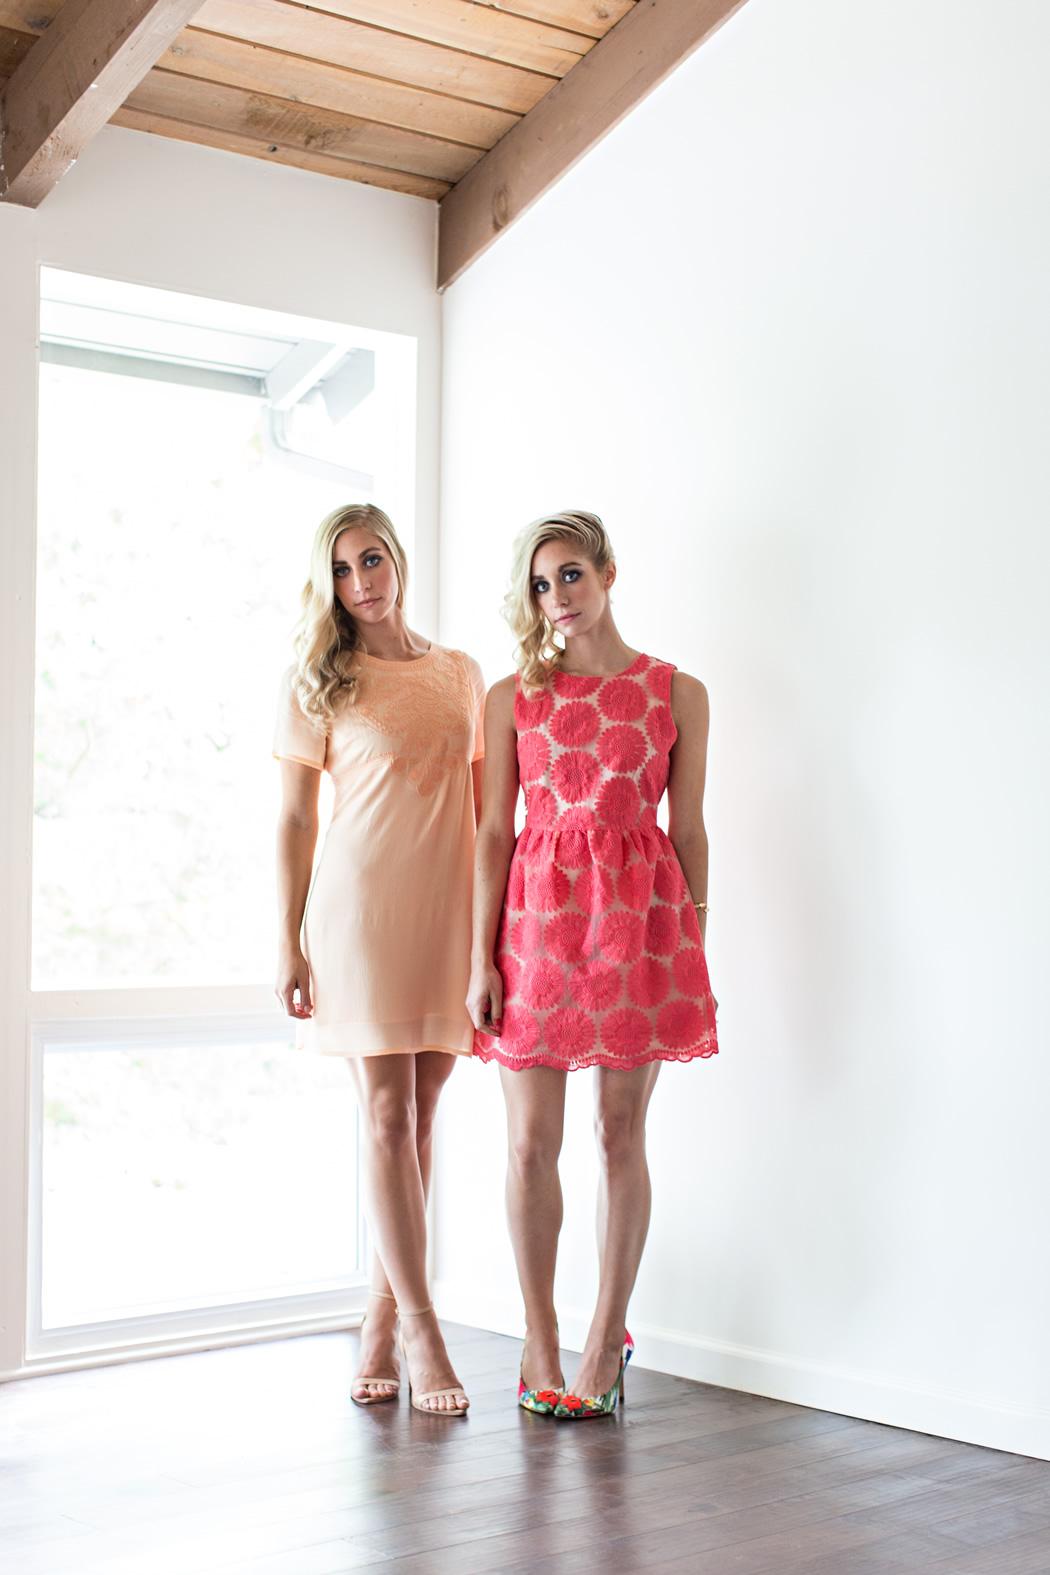 fashionColumnTwins_modern_011